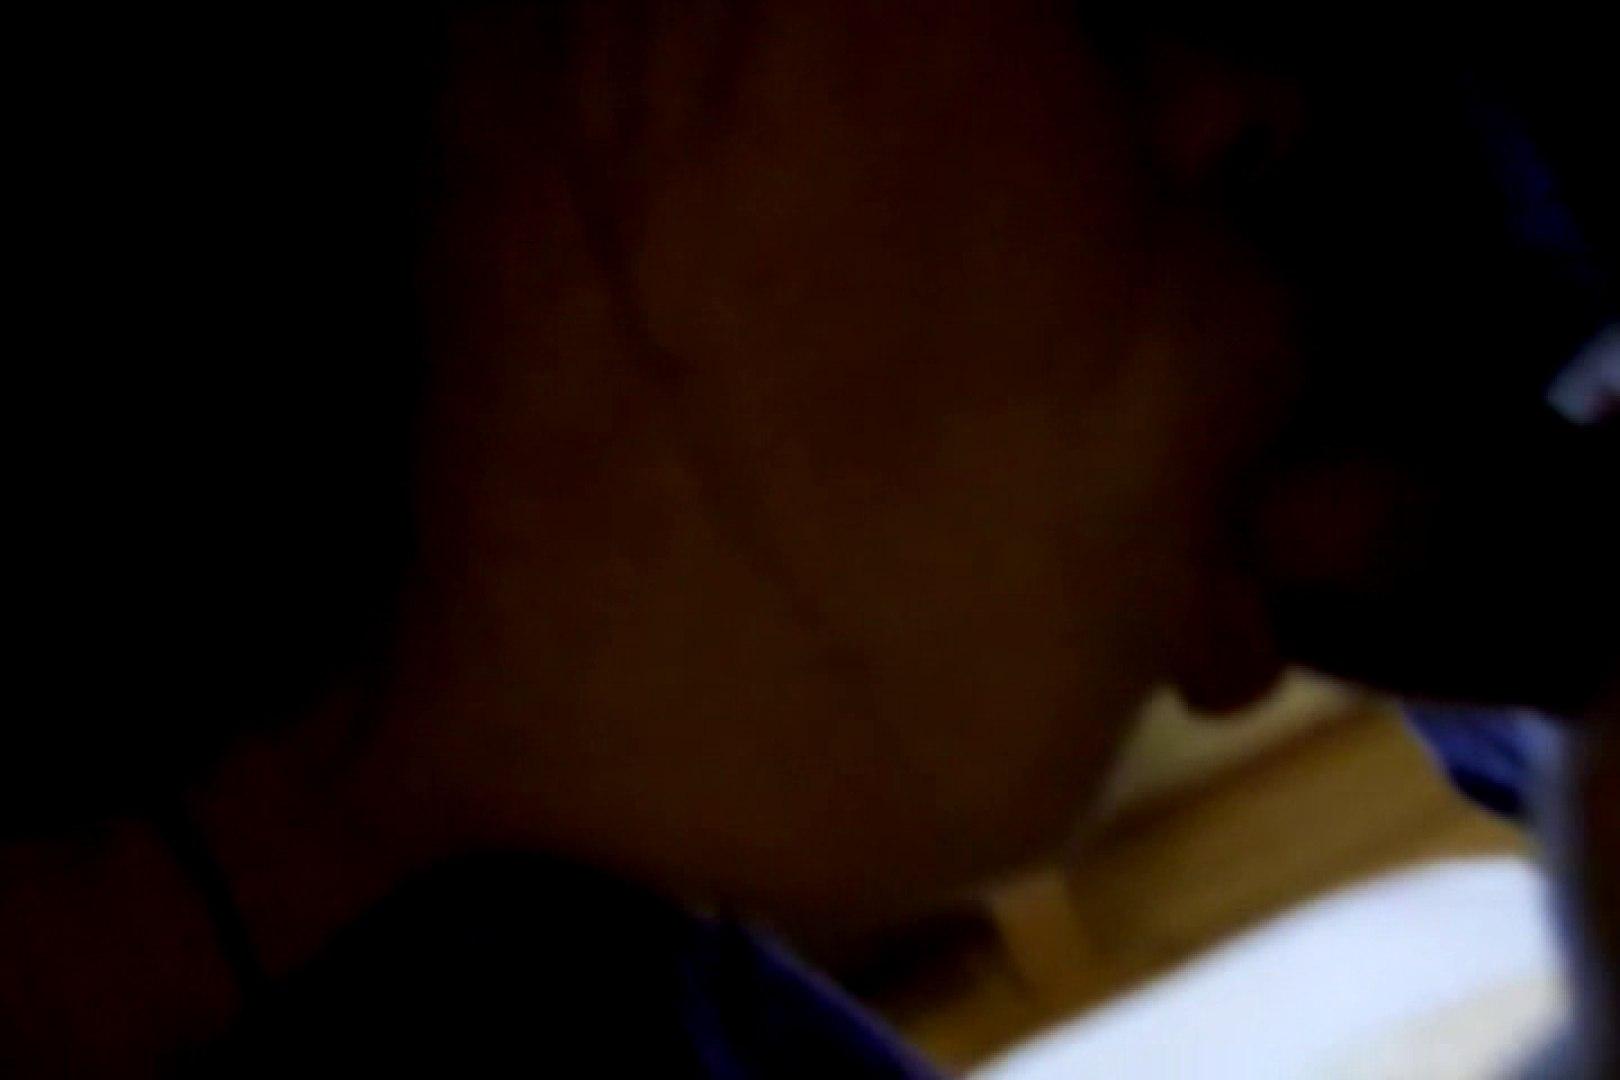 ウイルス流出 レオ&マンコのアルバム プライベート | ギャルのクンニ  62連発 25